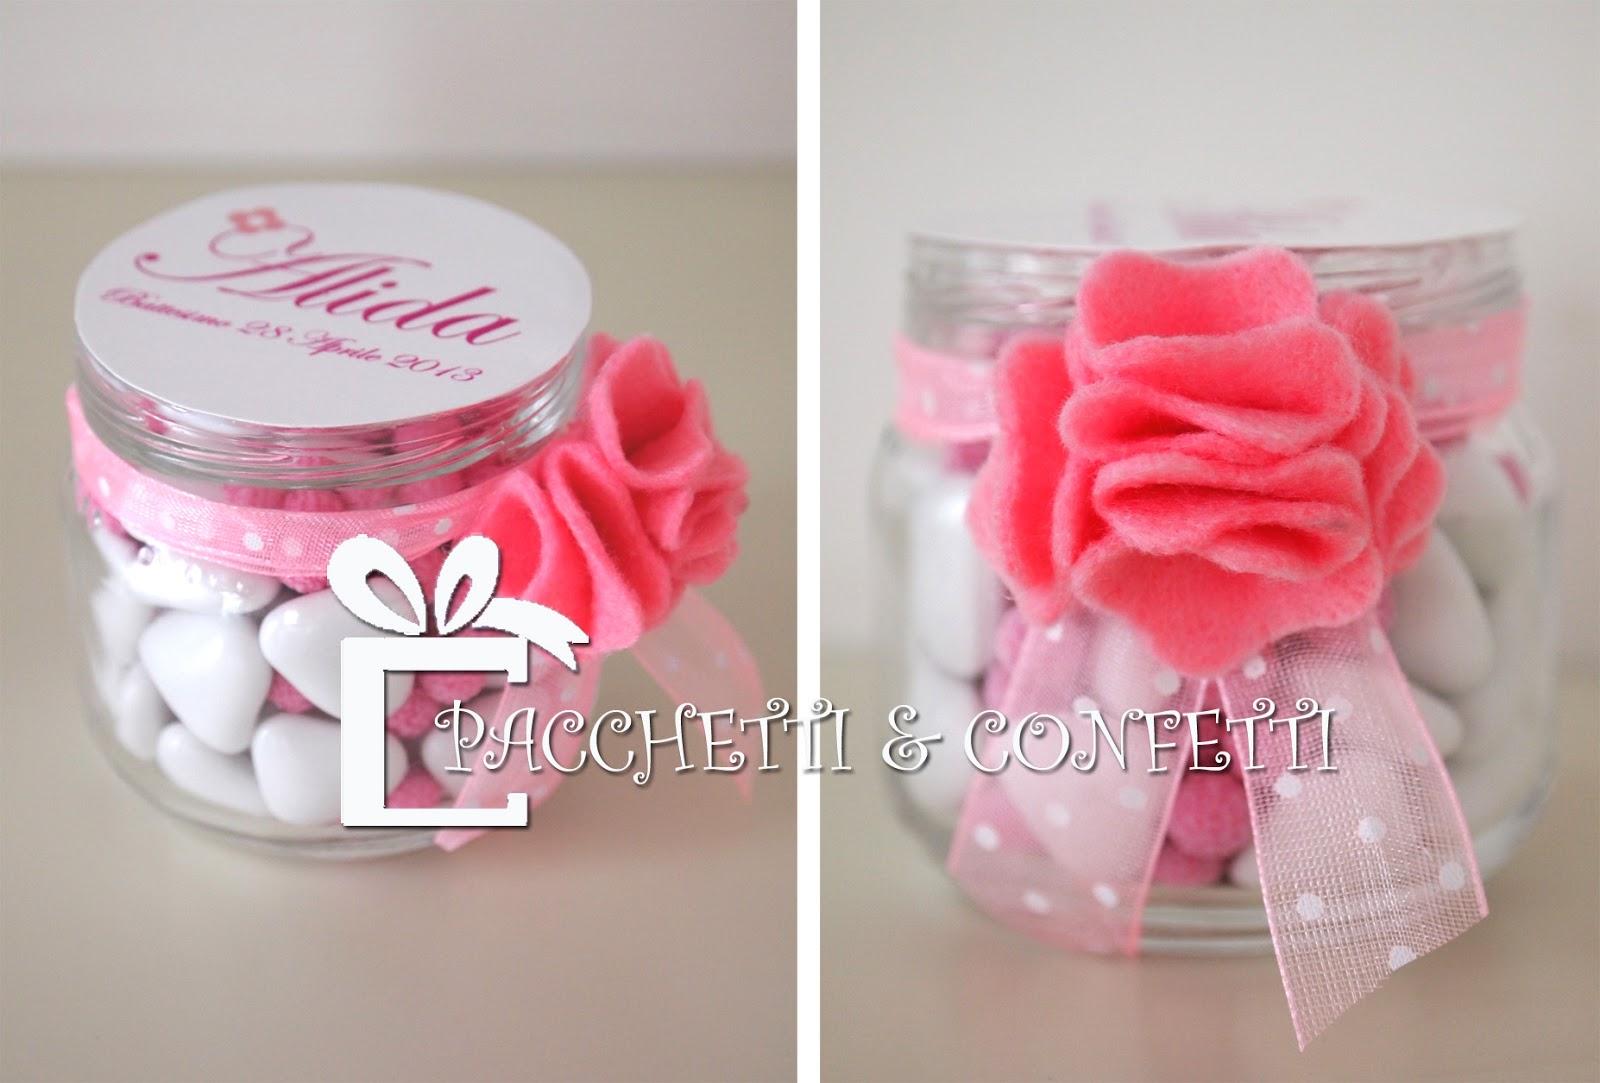 Fabuleux Pacchetti e Confetti: Bomboniere Cheap & Chic per Alida DV92